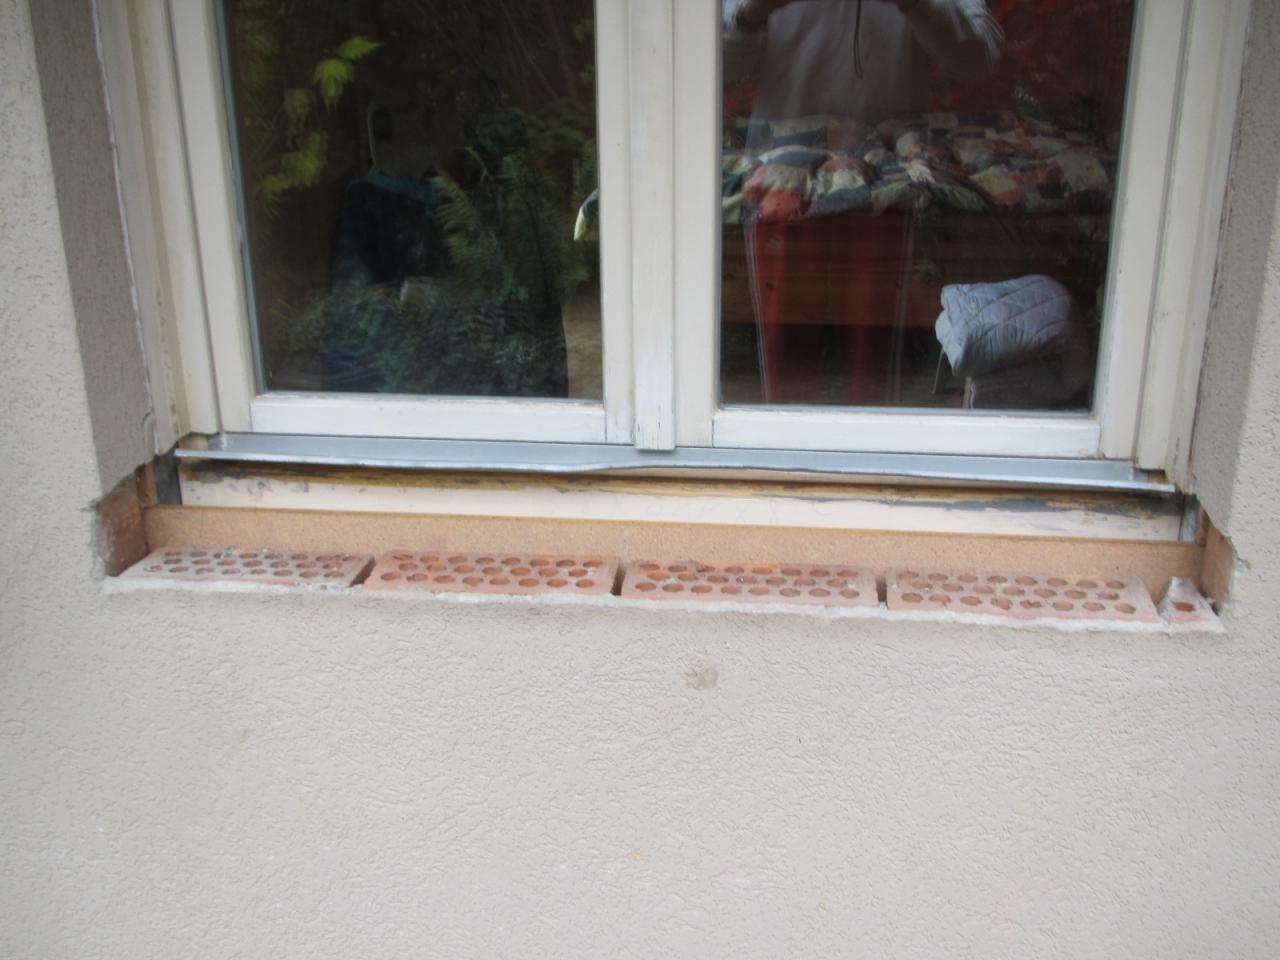 Top Fensterbänke entfernen für den Einbau neuer Fenster - Bauanleitung PL03